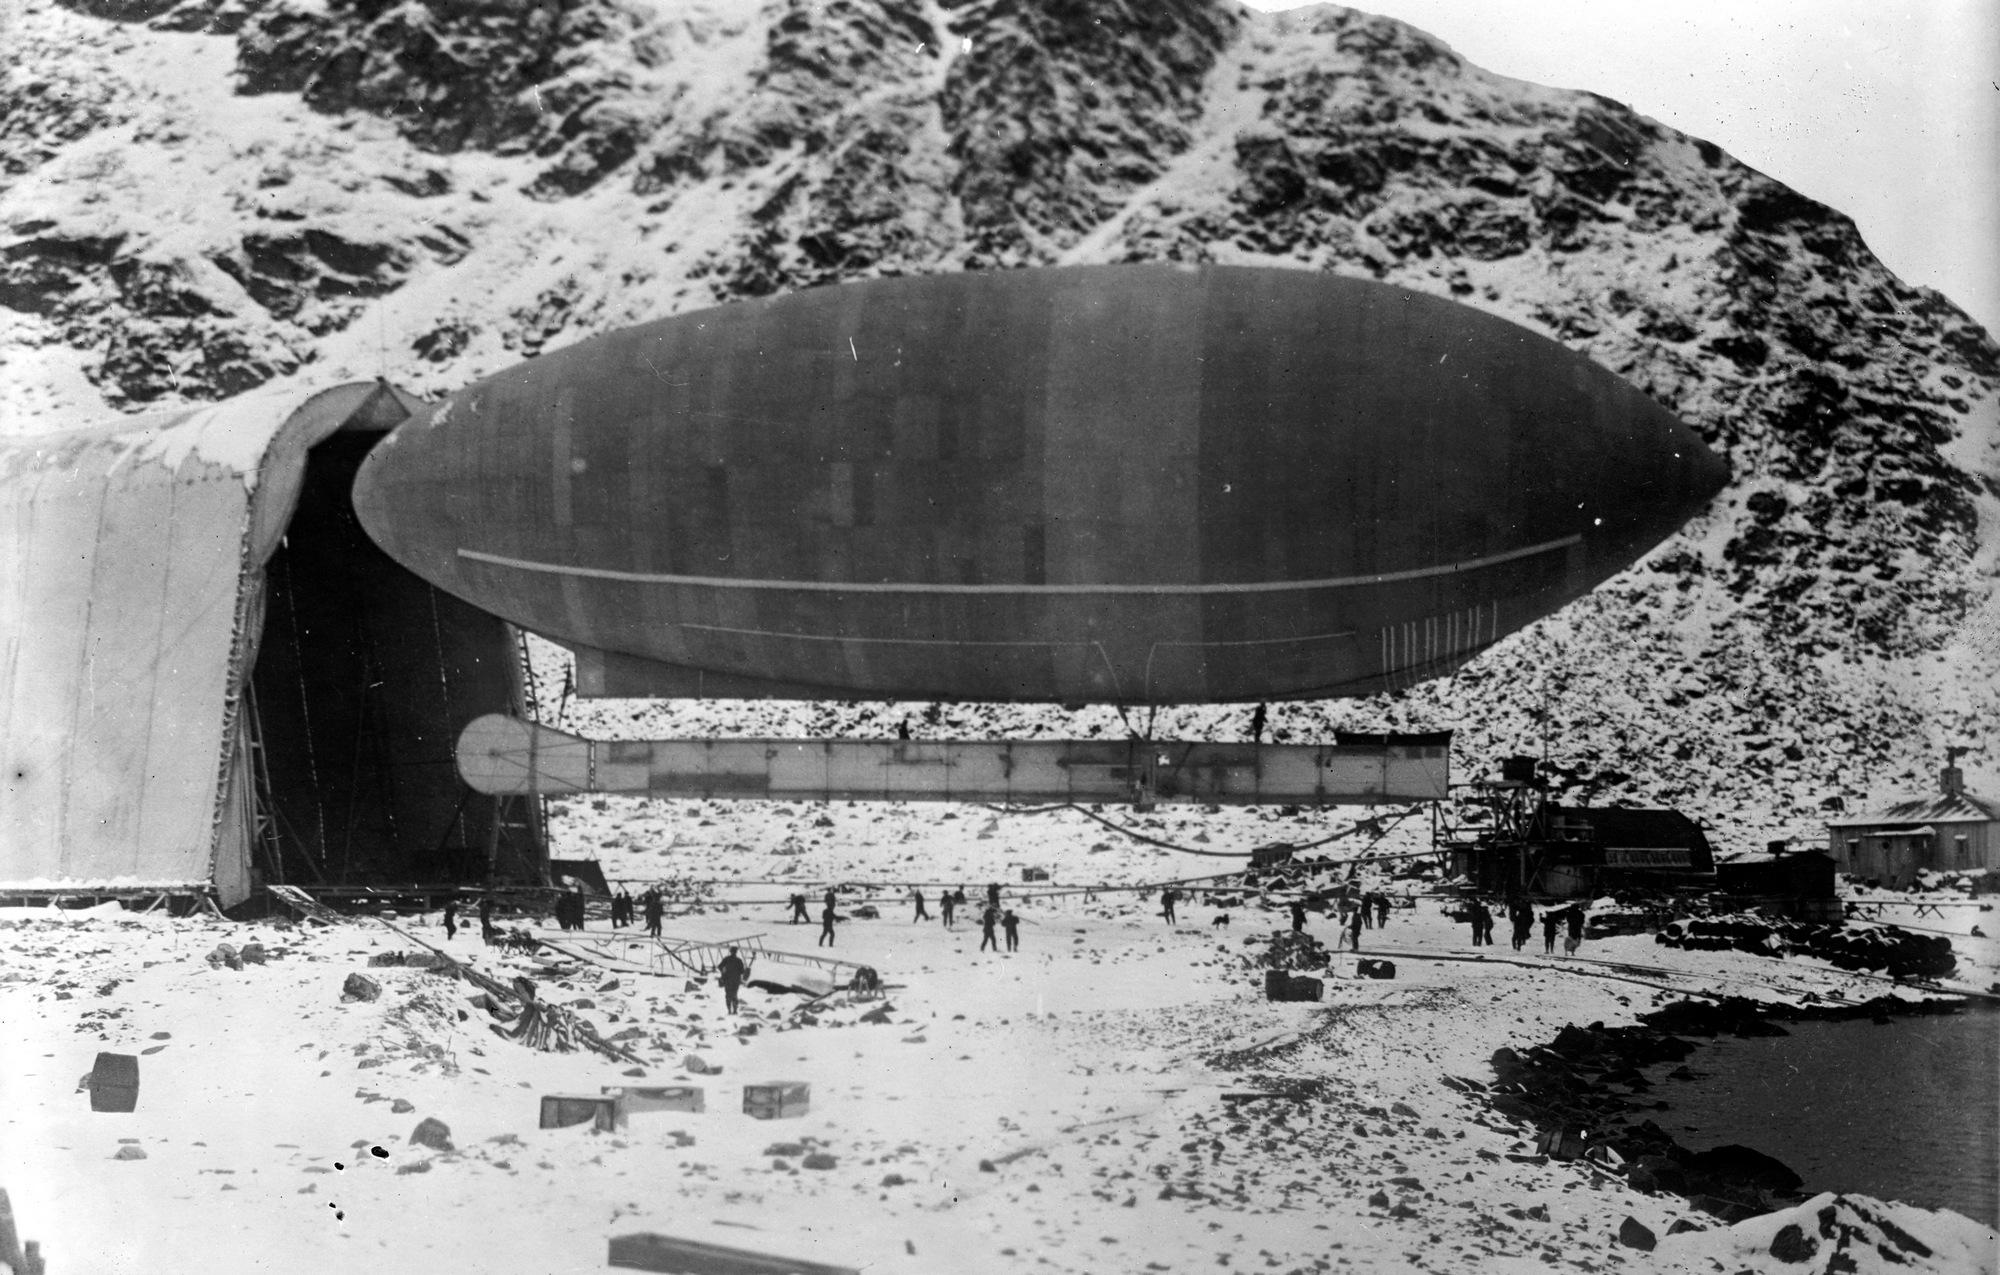 1907. Spitzbergák. Walter Wellman felfedező a 9.5 tonna teherbítású, 56 méter hosszú America nevű ballonjával az Északi sark meghódítására készül. Kb. 40 kilométerre közelítette meg végül, de nem érte el..jpg